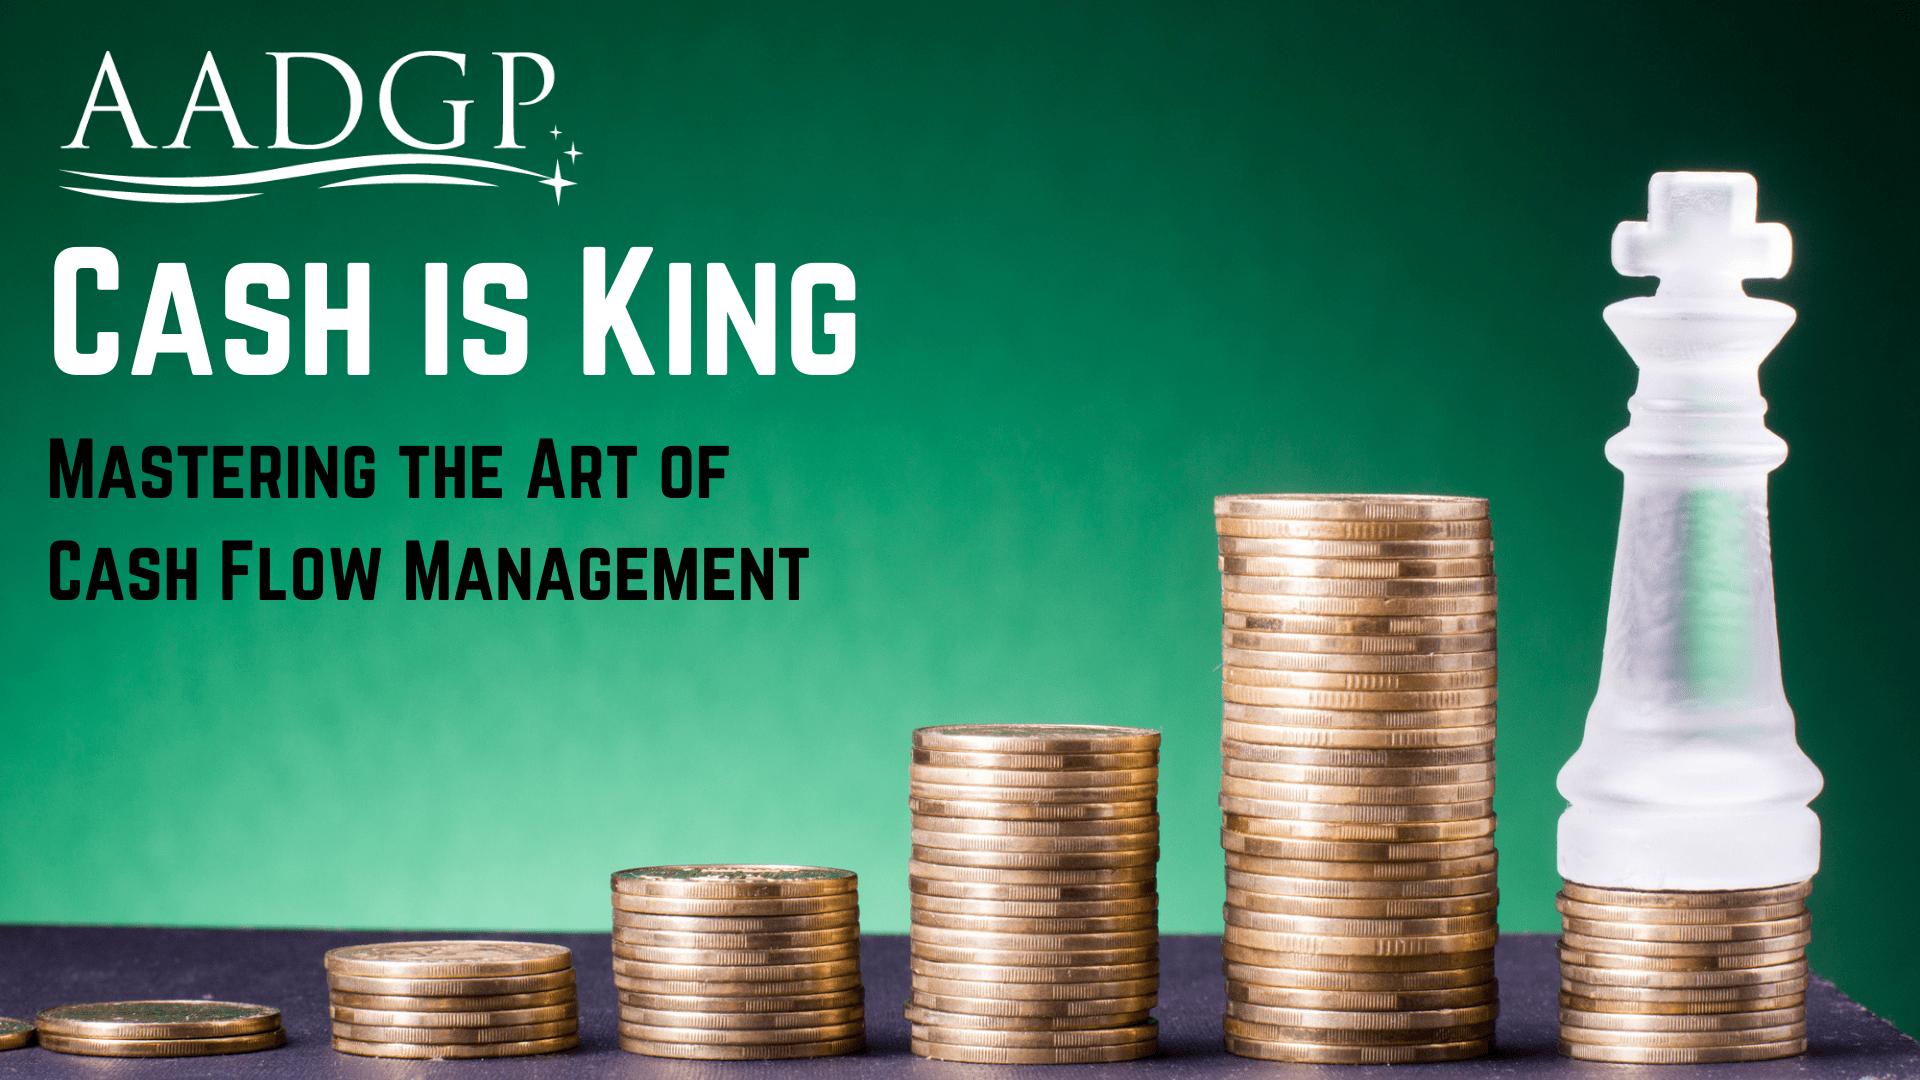 Cash is King, an AADGP Webinar